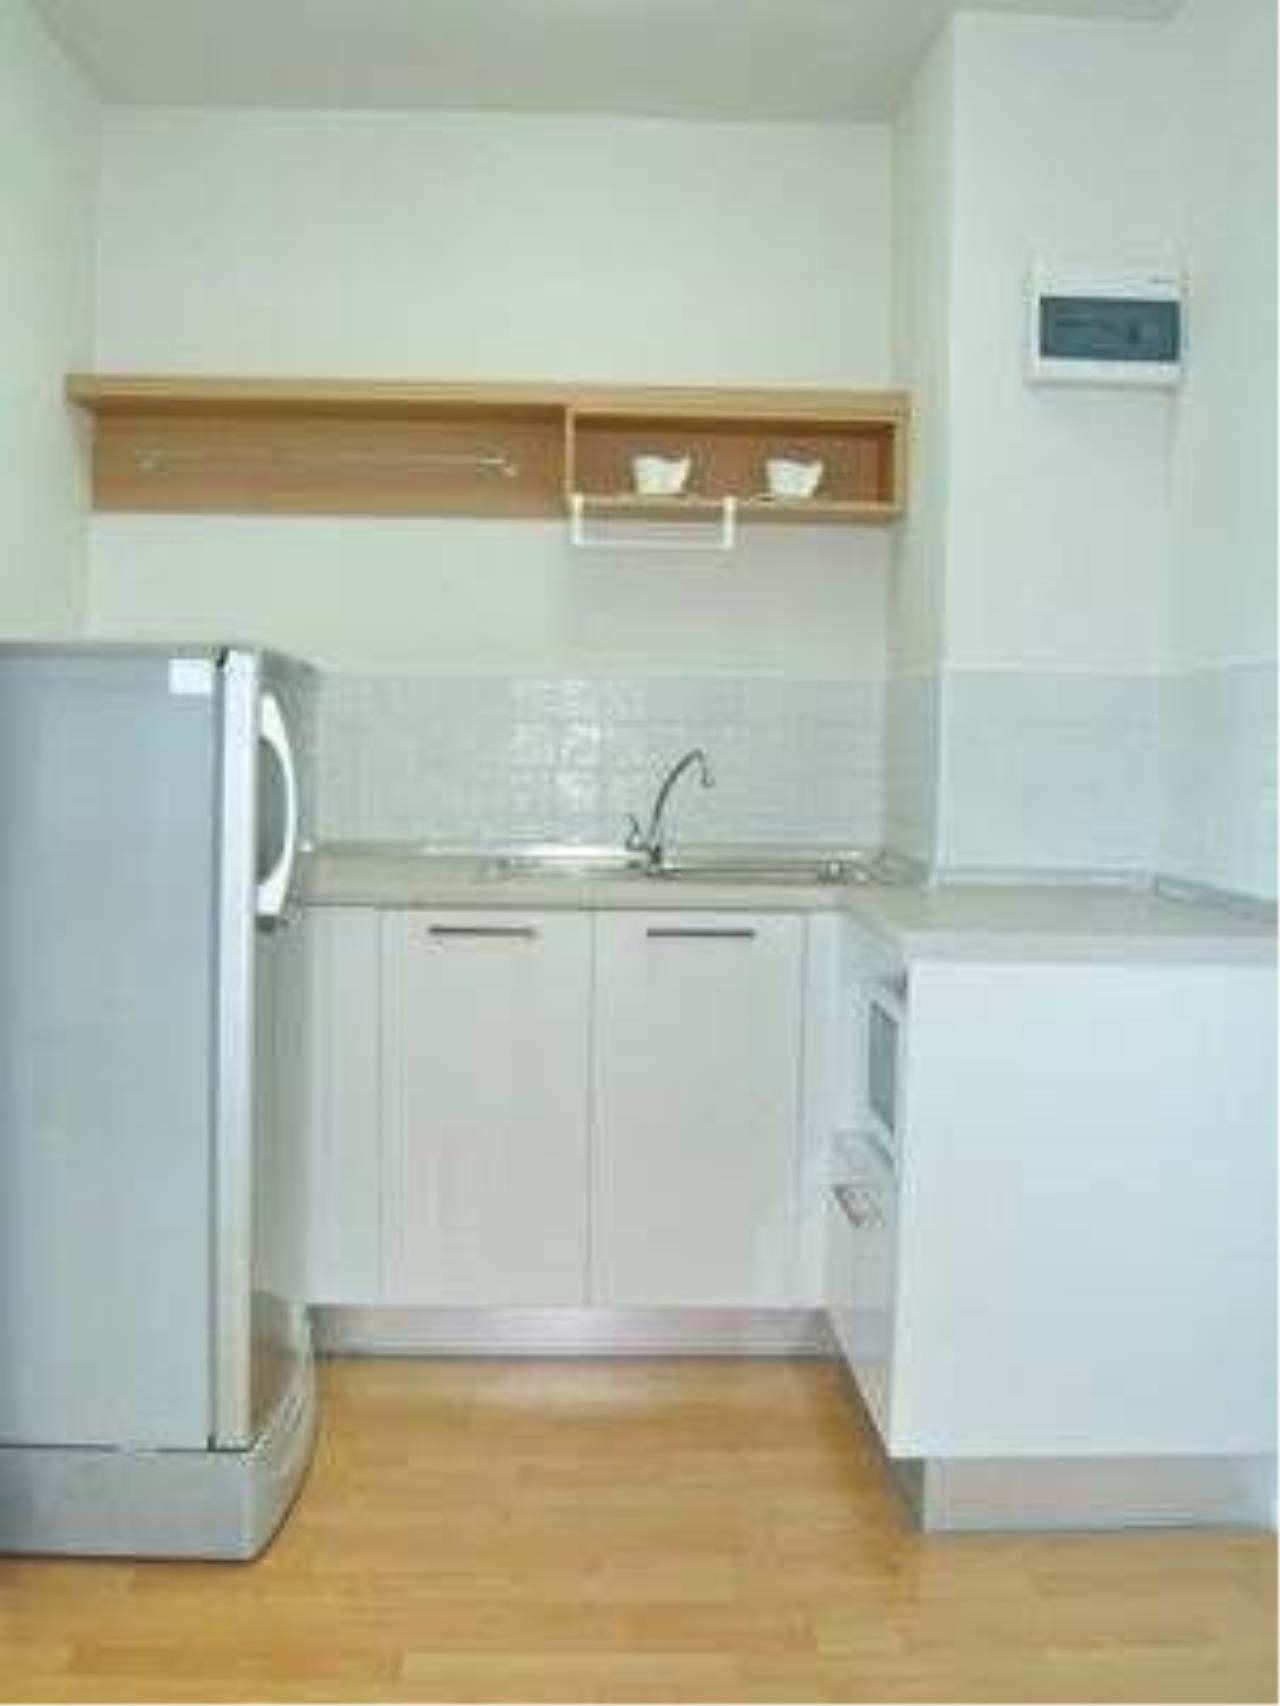 Quality Life Property Agency's S A L E & R E N T ! My Condo Sukhumvit 81 | 1 BED 1 BATH | 26 SQ. M. 5